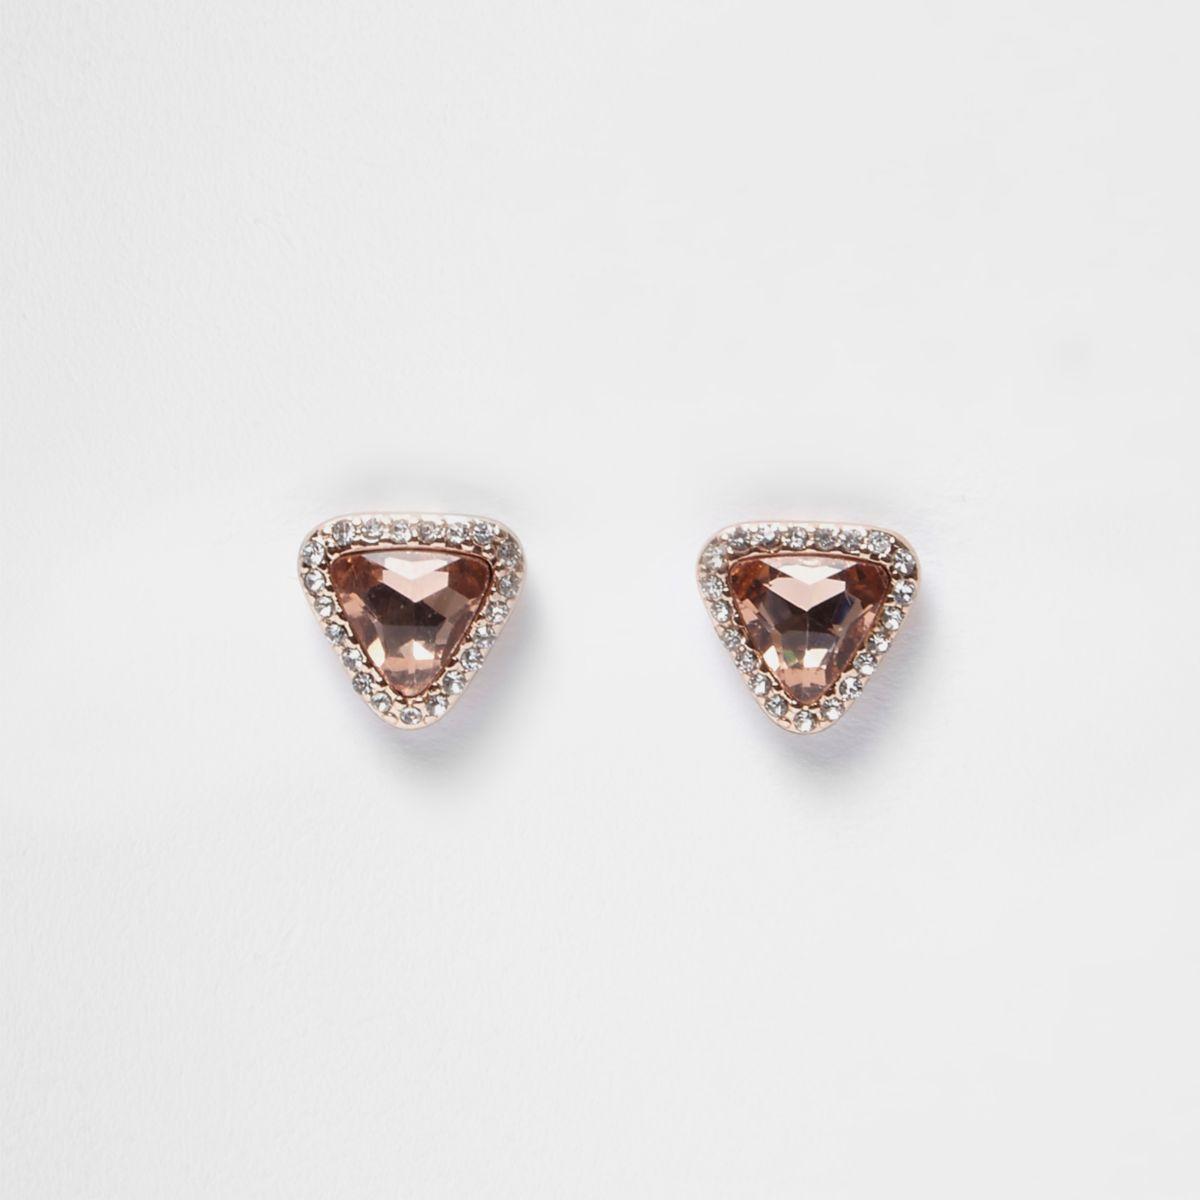 Boucles d'oreilles or rose avec strass et pierres fantaisie